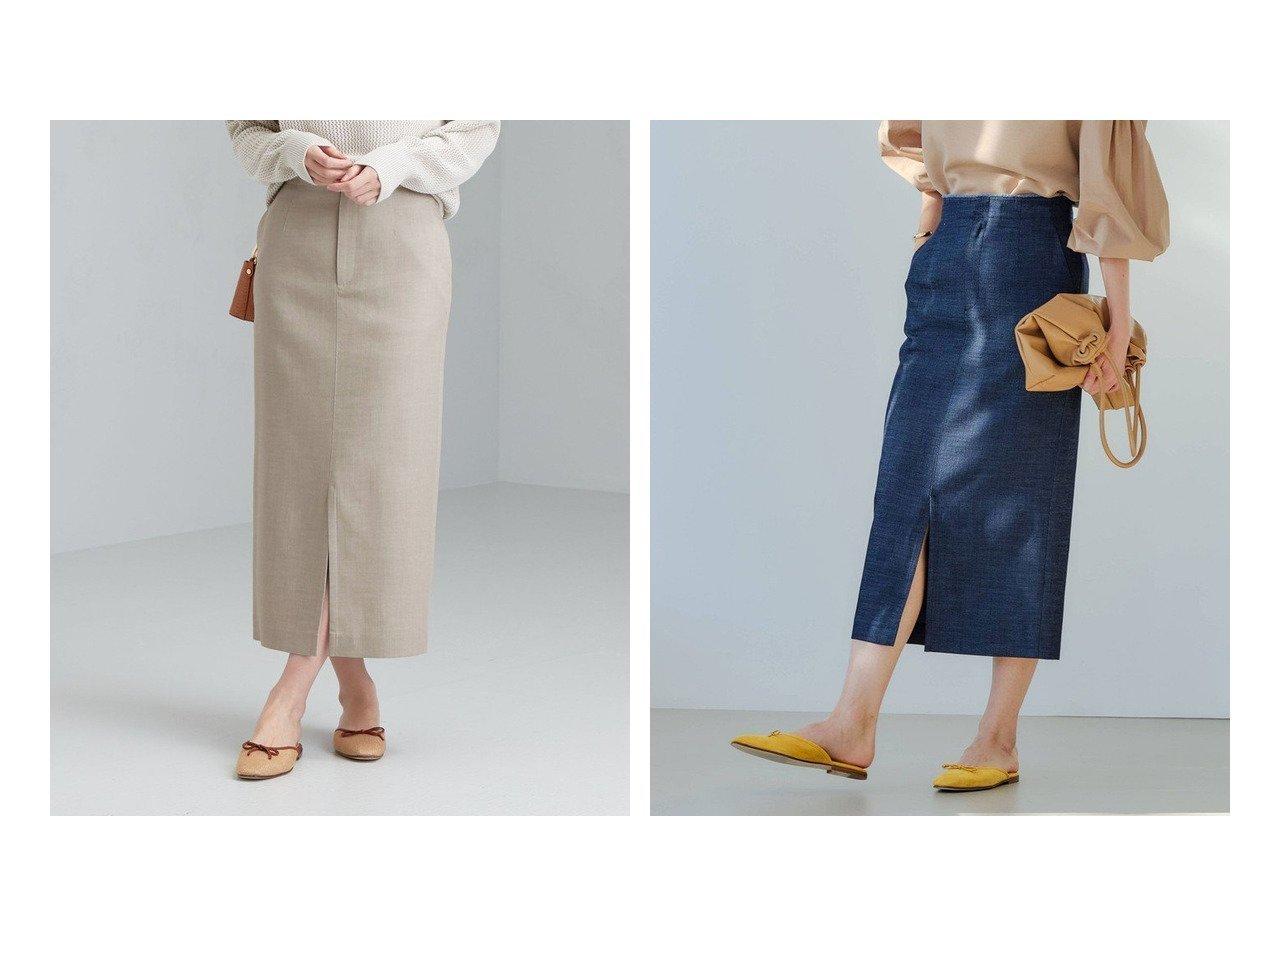 【green label relaxing / UNITED ARROWS/グリーンレーベル リラクシング / ユナイテッドアローズ】のFFC ノーブル オックス Iライン スカート スカートのおすすめ!人気、トレンド・レディースファッションの通販 おすすめで人気の流行・トレンド、ファッションの通販商品 メンズファッション・キッズファッション・インテリア・家具・レディースファッション・服の通販 founy(ファニー) https://founy.com/ ファッション Fashion レディースファッション WOMEN スカート Skirt オックス 春 Spring 秋 Autumn/Fall シューズ スリット タイトスカート ダウン トレンド フロント 再入荷 Restock/Back in Stock/Re Arrival おすすめ Recommend |ID:crp329100000024485